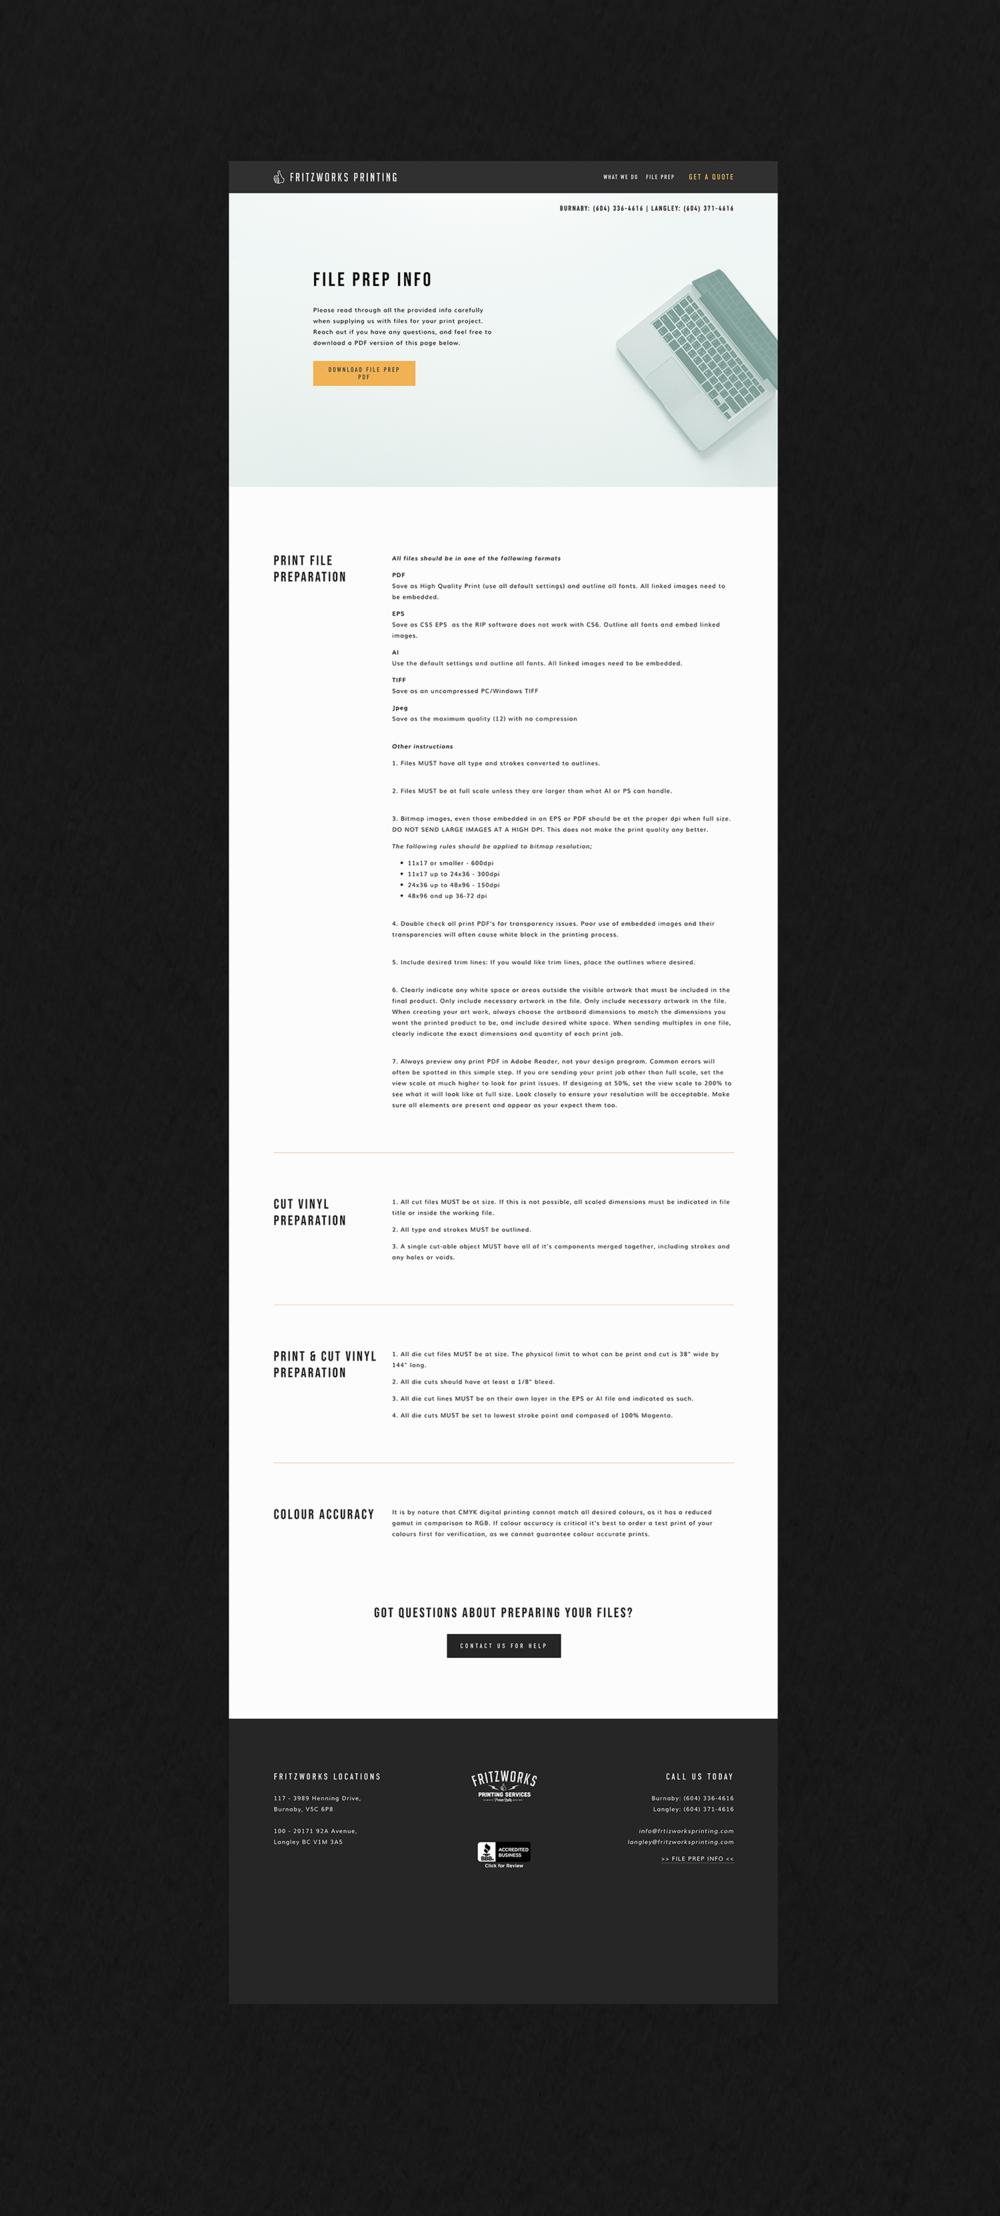 Fritzworks Printing 'File Prep' page shown on a black background designed by Salt Design Co.